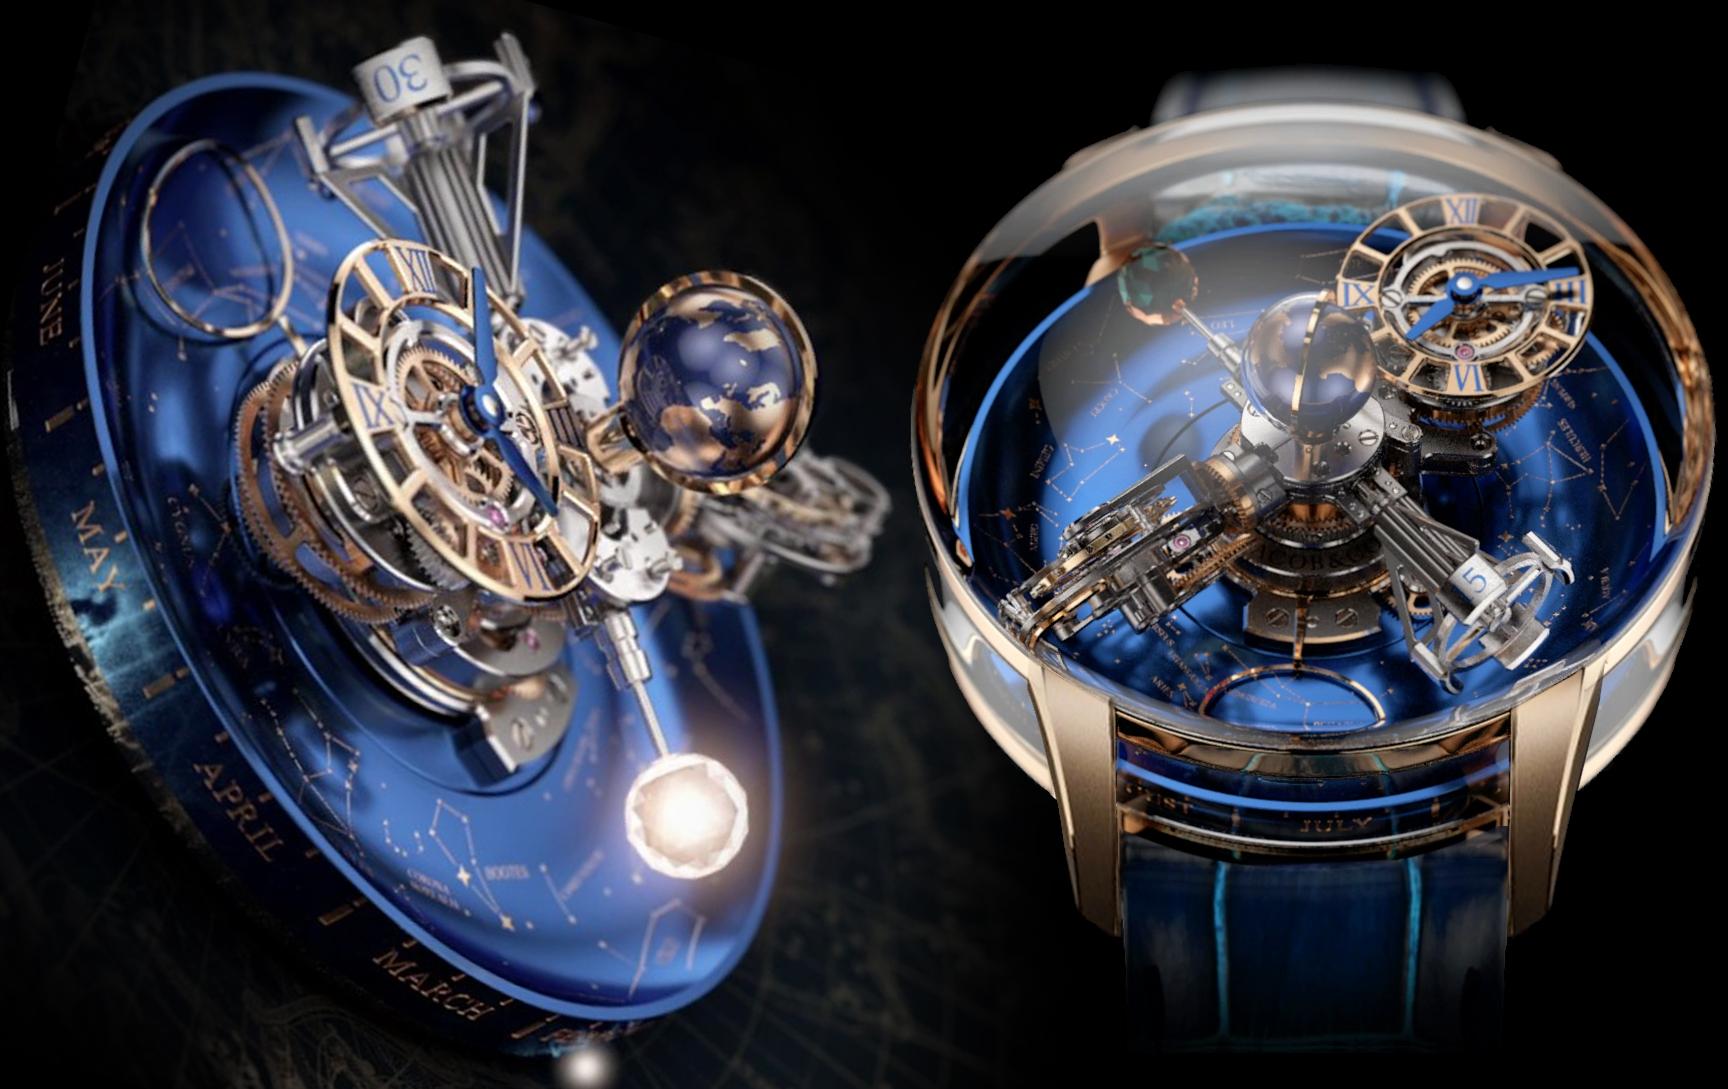 Astronomia Sky | MUSE Design Awards